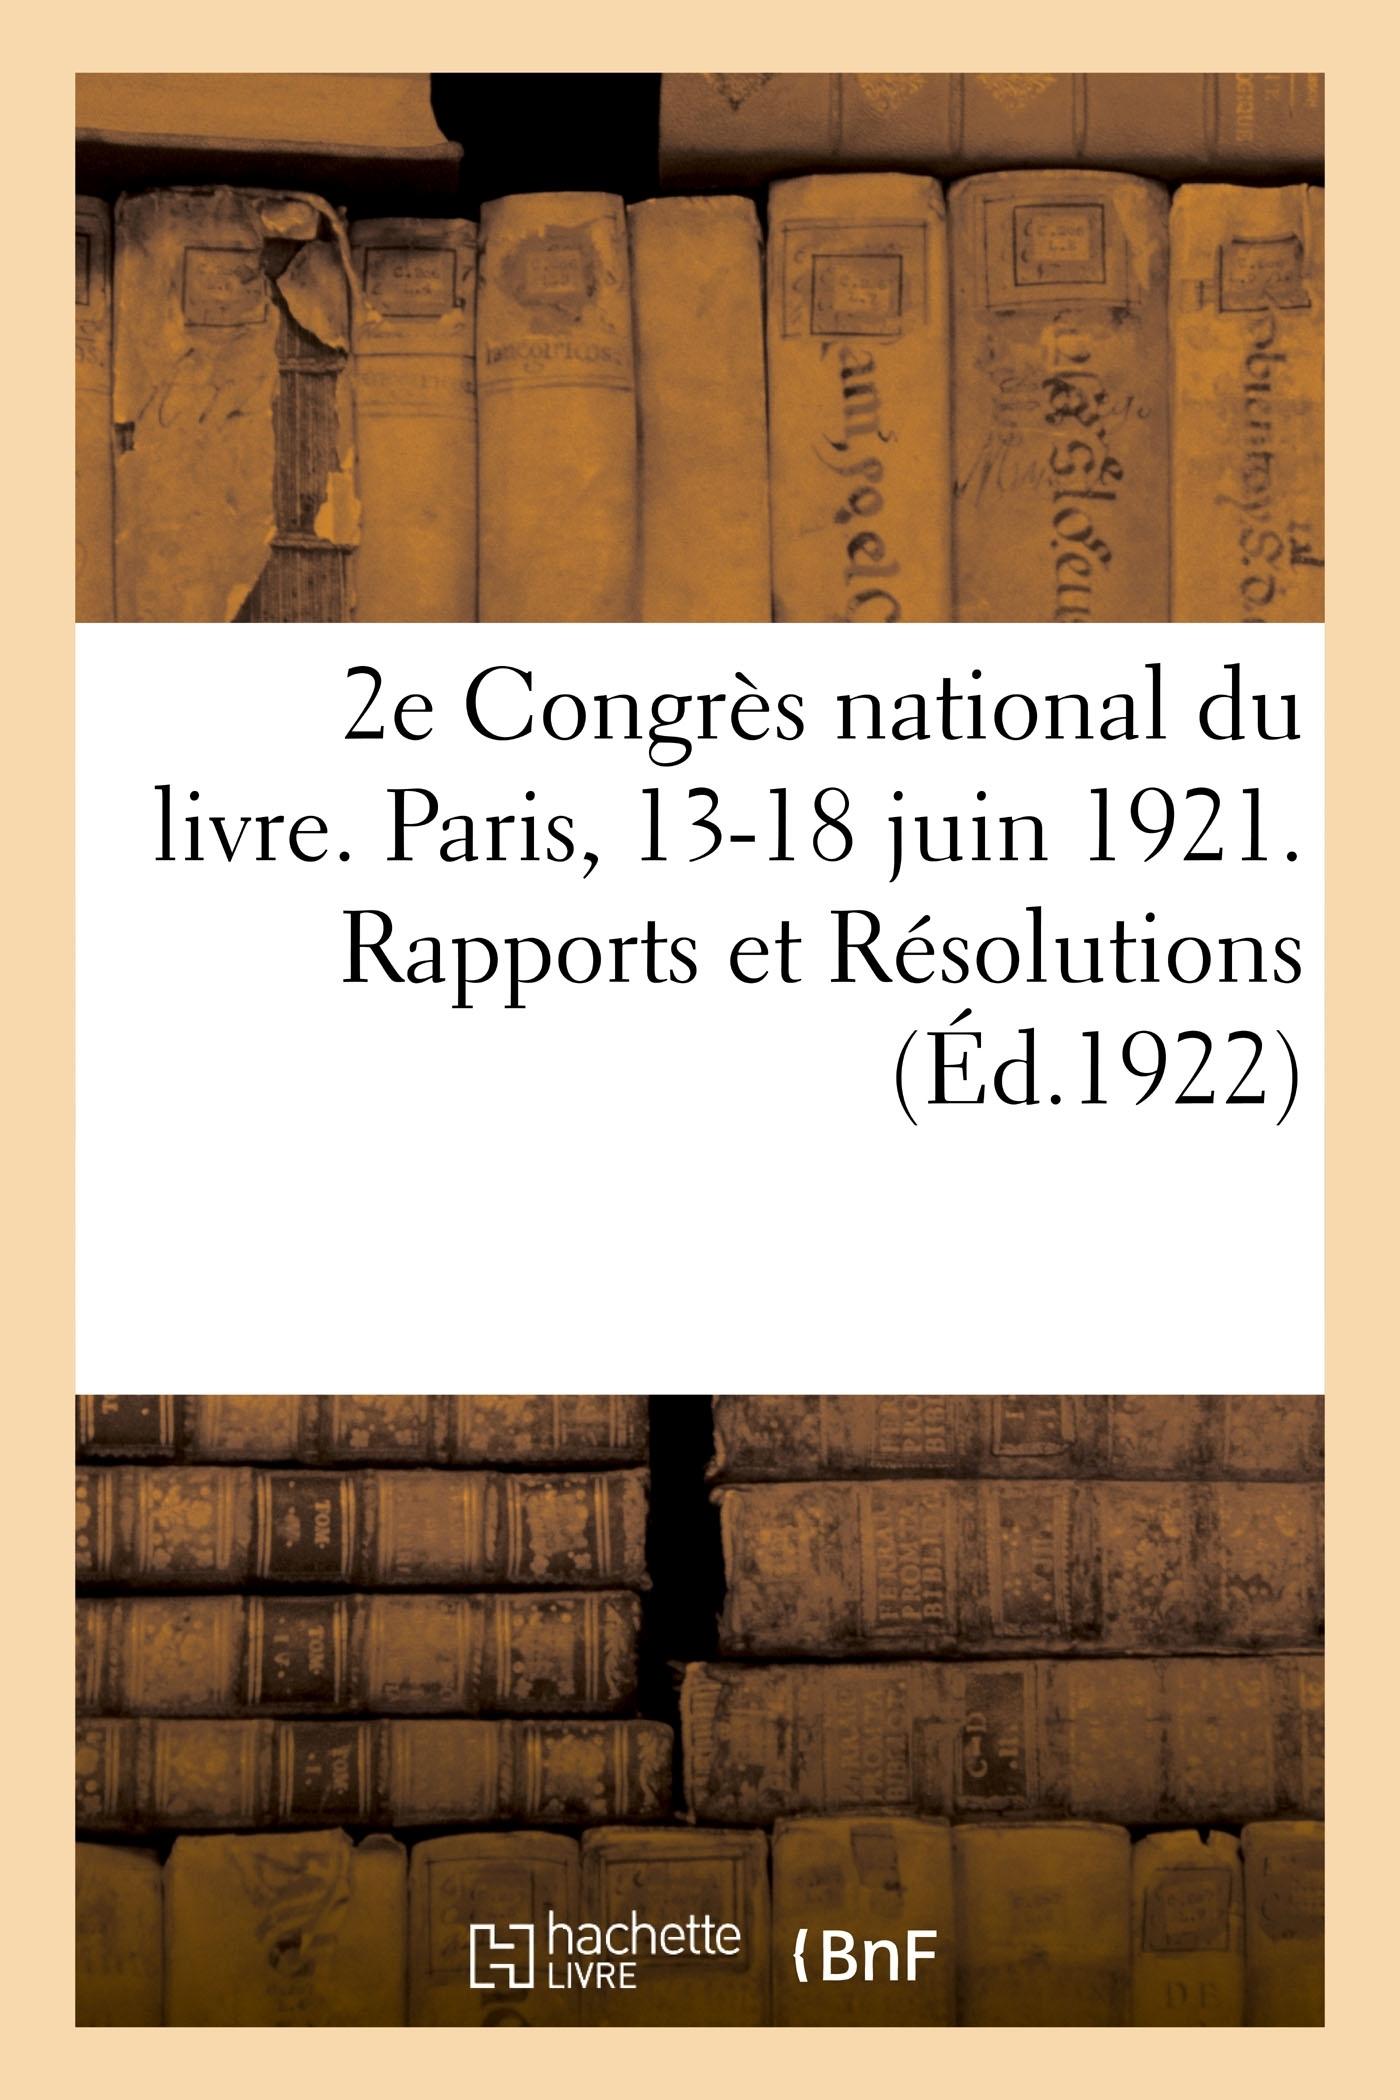 2E CONGRES NATIONAL DU LIVRE. PARIS, 13-18 JUIN 1921. RAPPORTS ET RESOLUTIONS